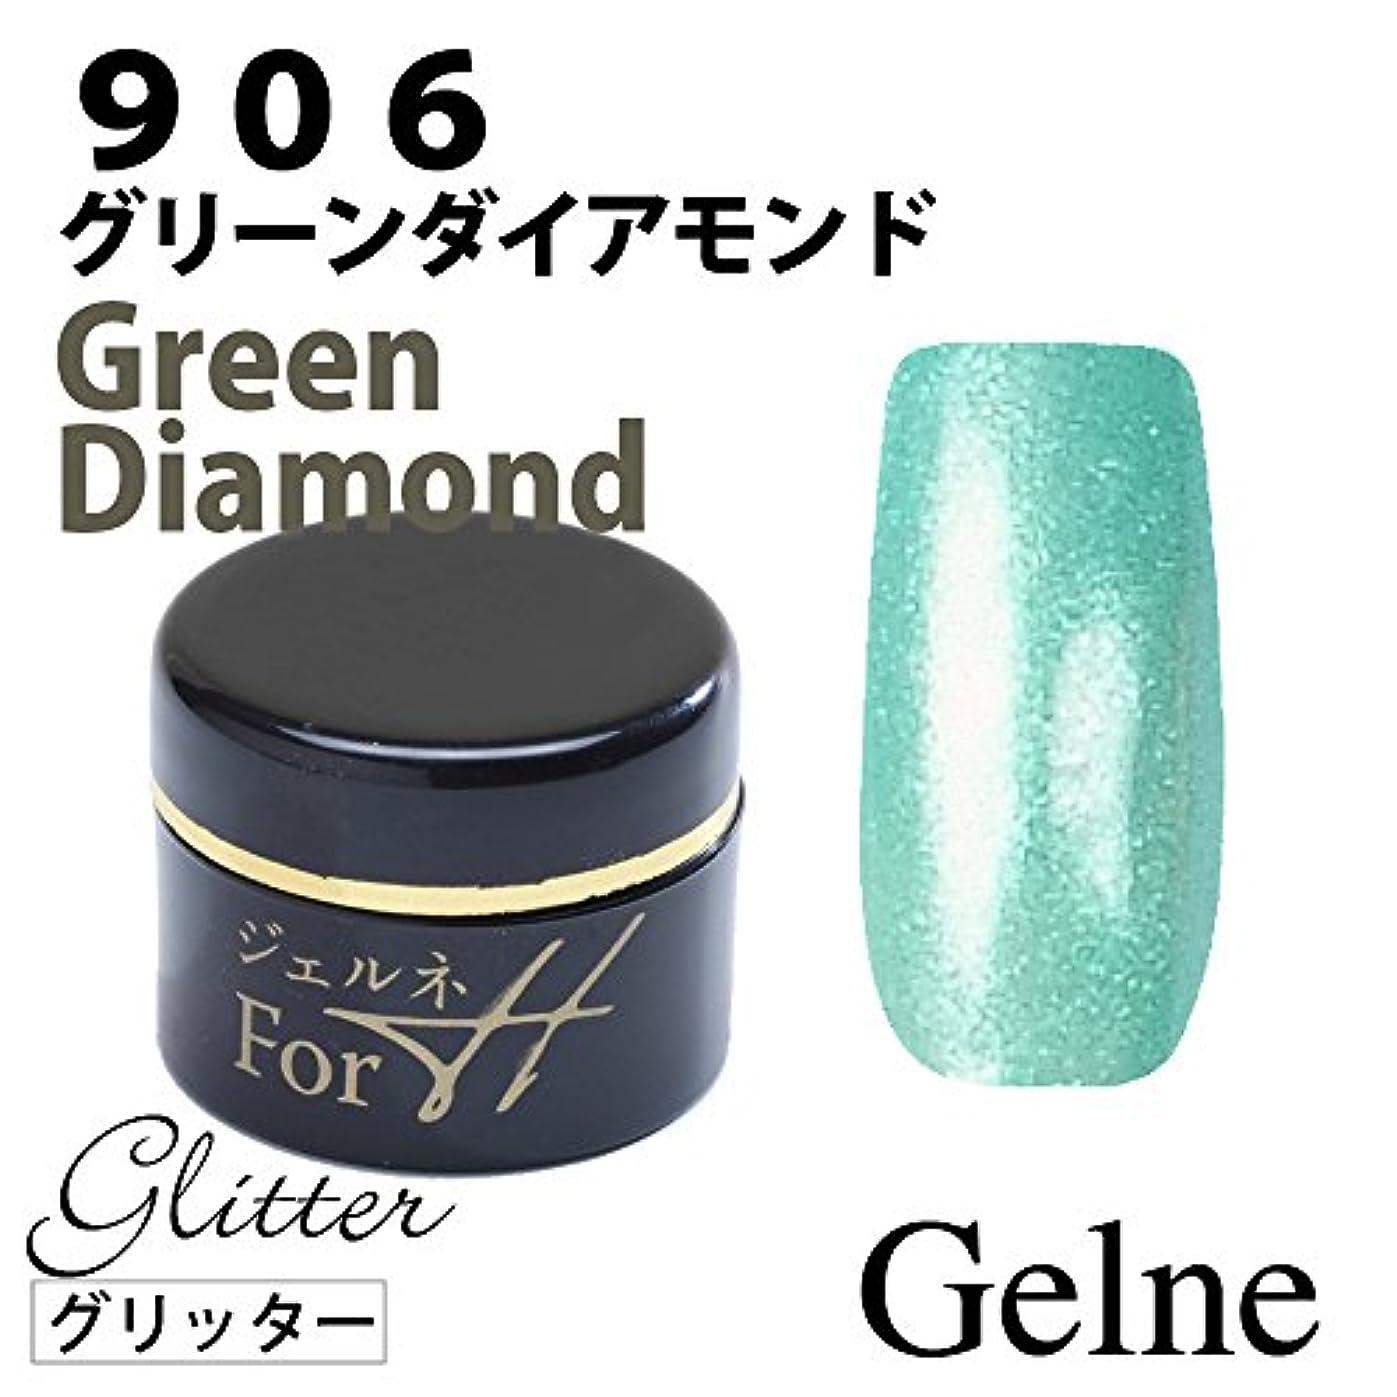 教え線形閲覧するGelneオリジナル グリーンダイヤモンド カラージェル 5g LED/UV対応